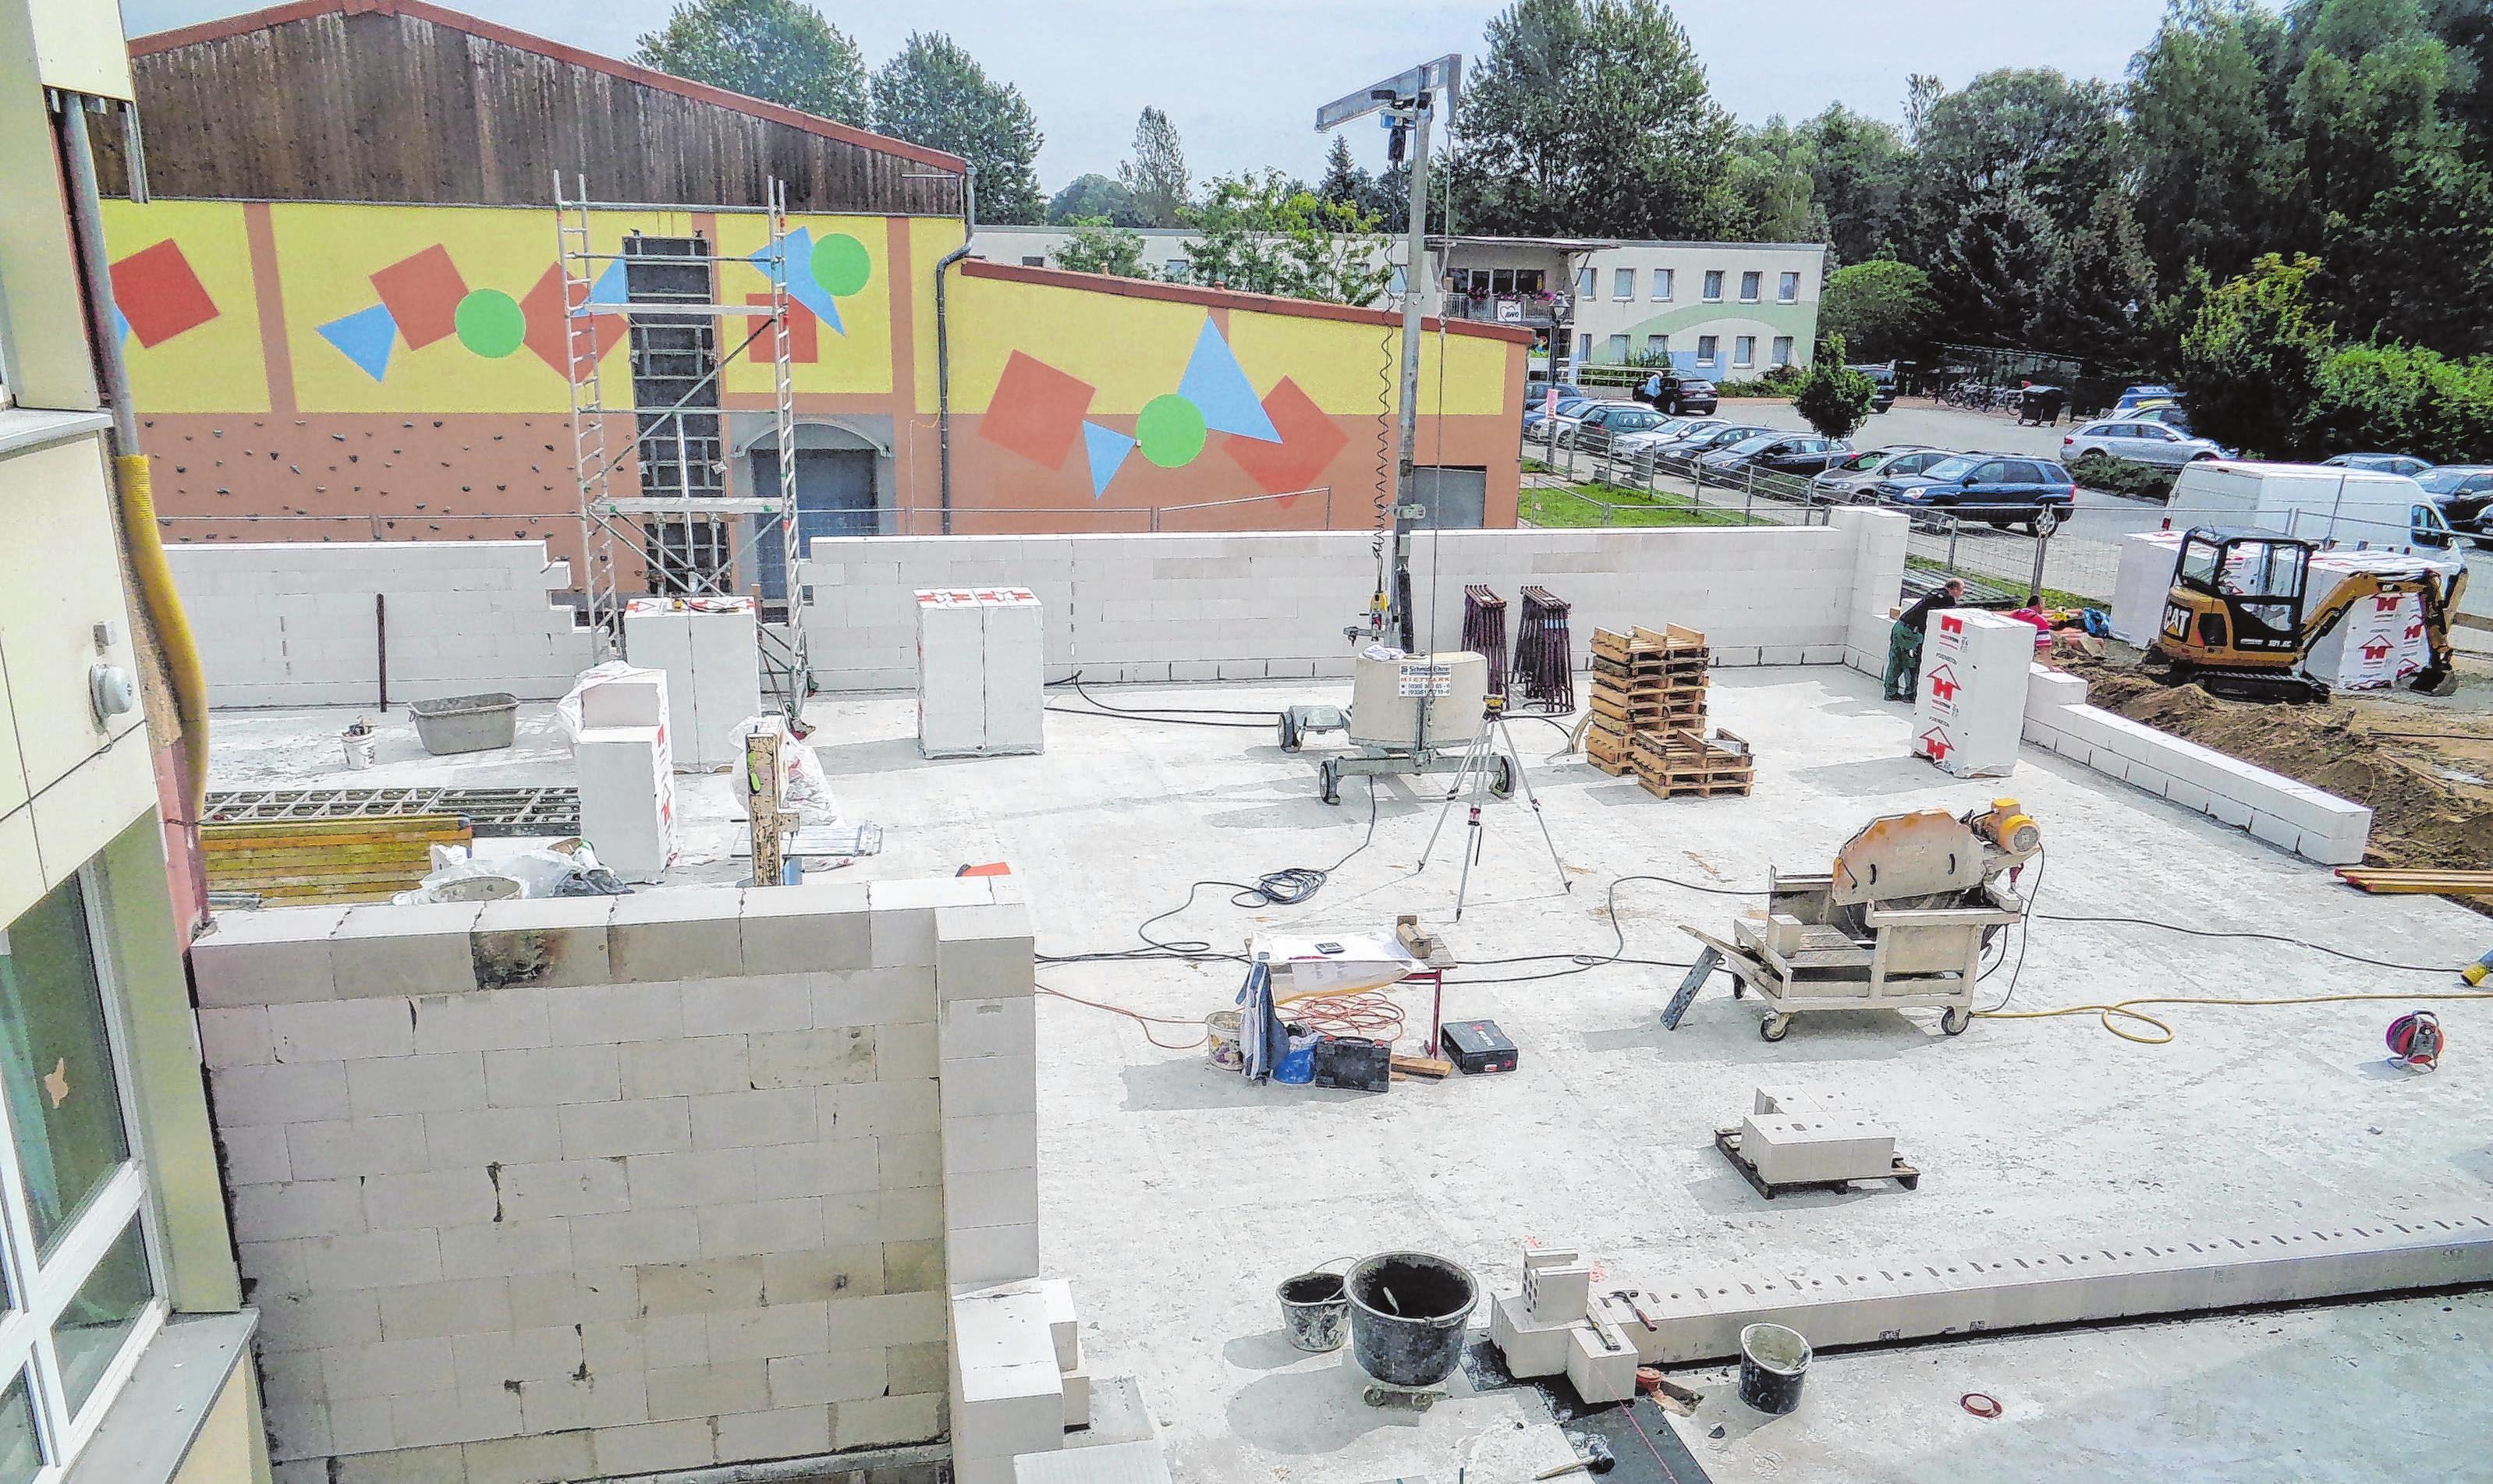 Die Fläche zwischen Schule und Turnhalle war viele Monate eine Großbaustelle. Foto: Planungsbüro Müller